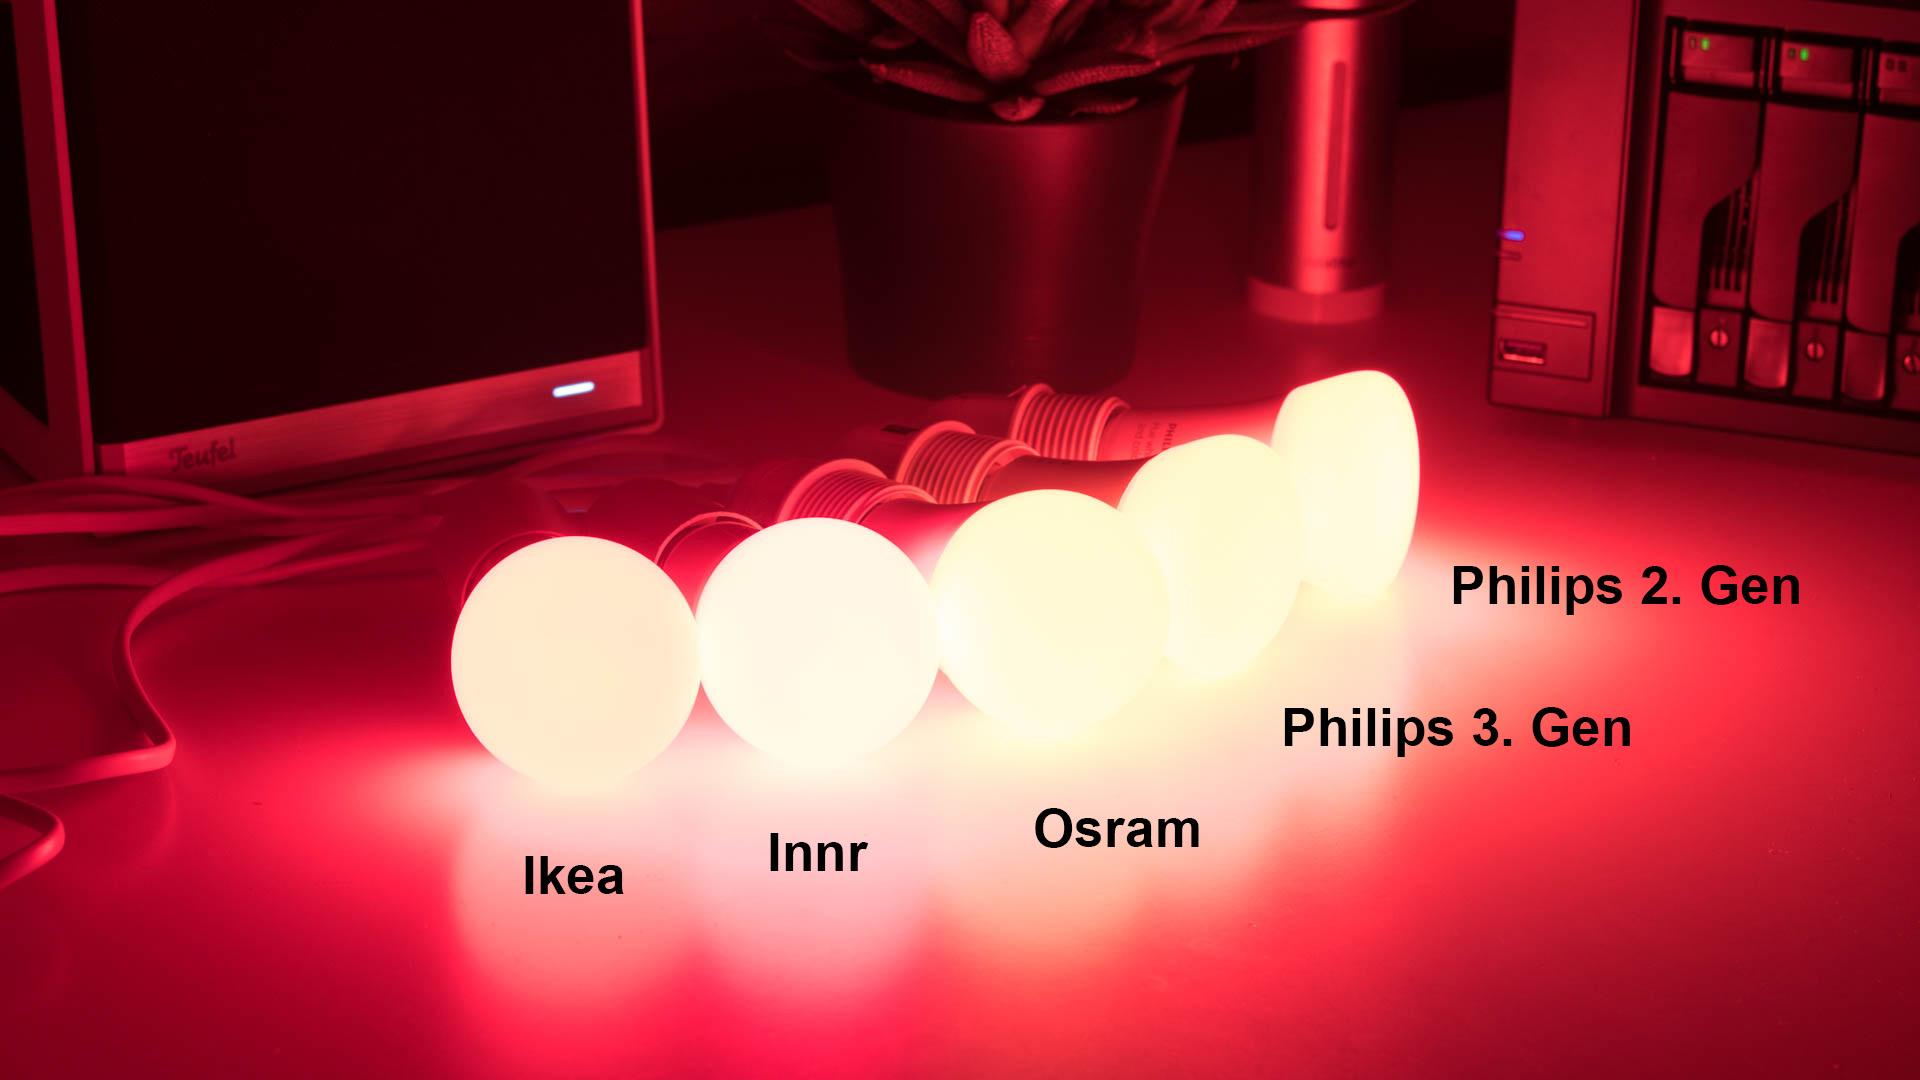 Led Lampen Ikea : Die besten smart home beleuchtungssysteme im vergleich kaufberatung